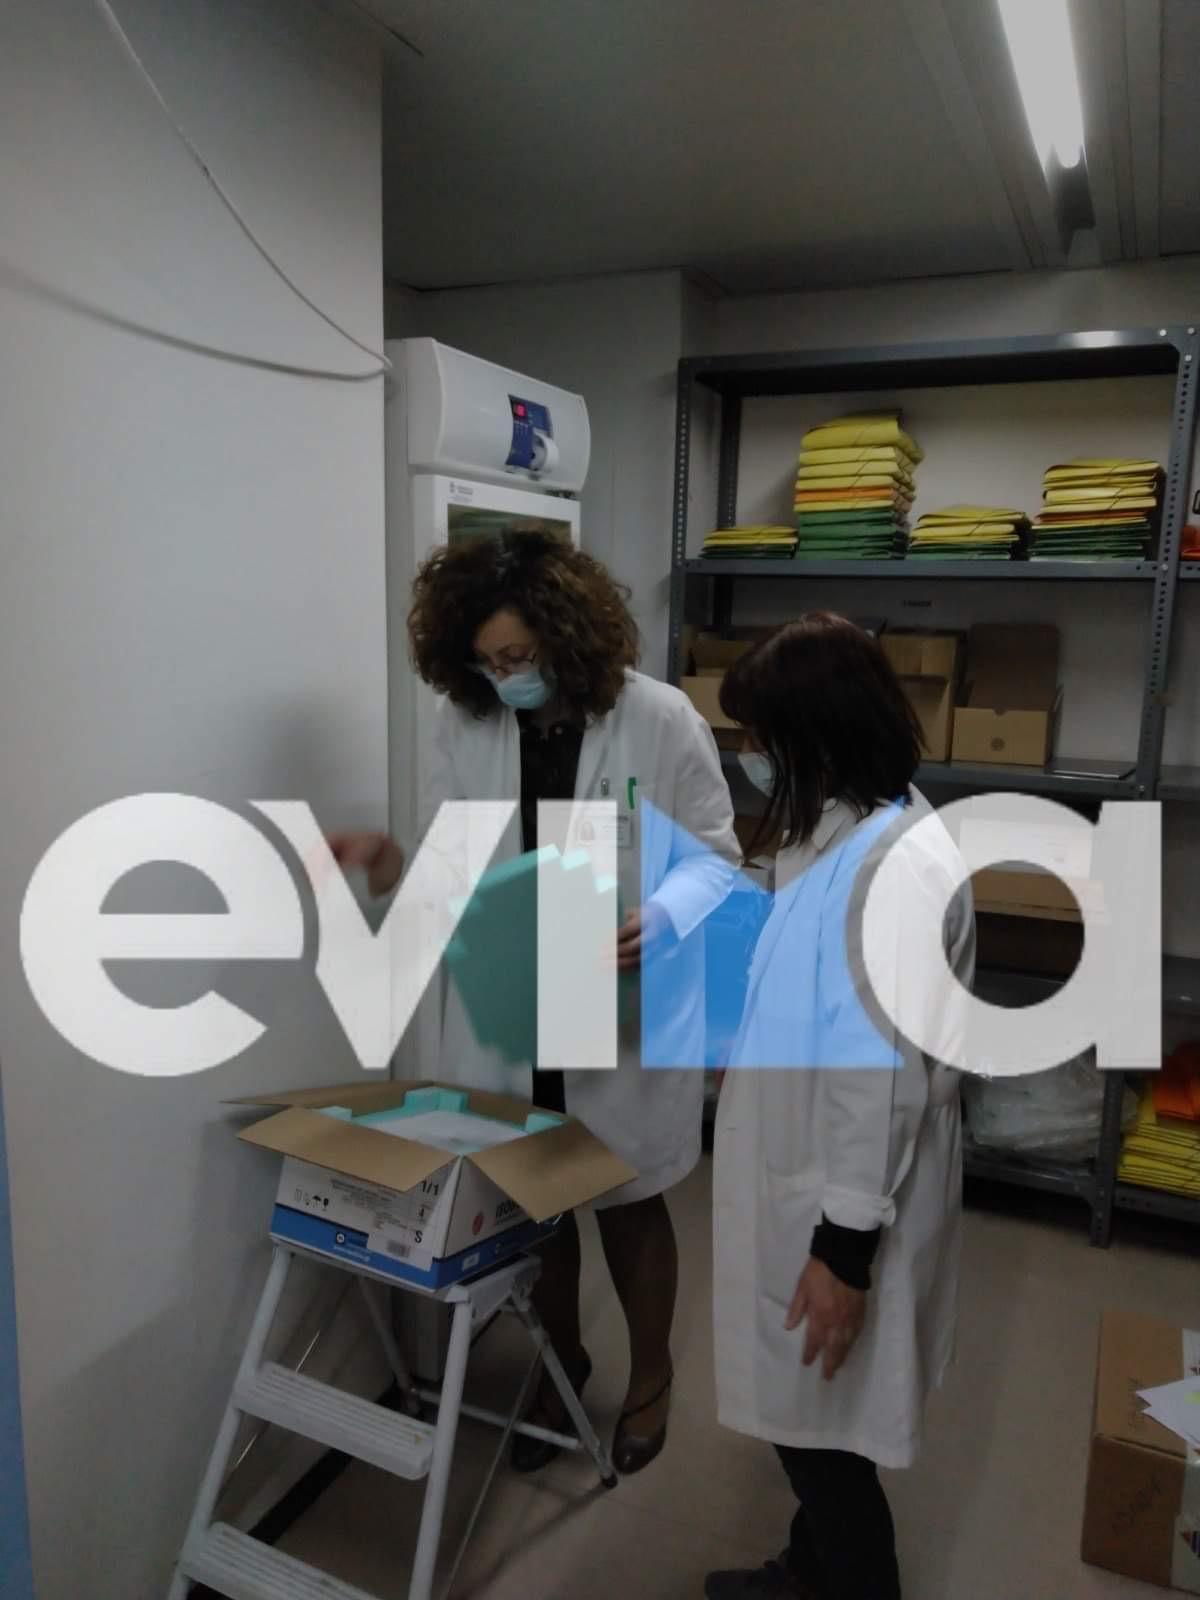 Λιβαδειά ΤΩΡΑ: Παραδόθηκε στο νοσοκομείο η δεύτερη παρτίδα εμβολίων [εικόνες]